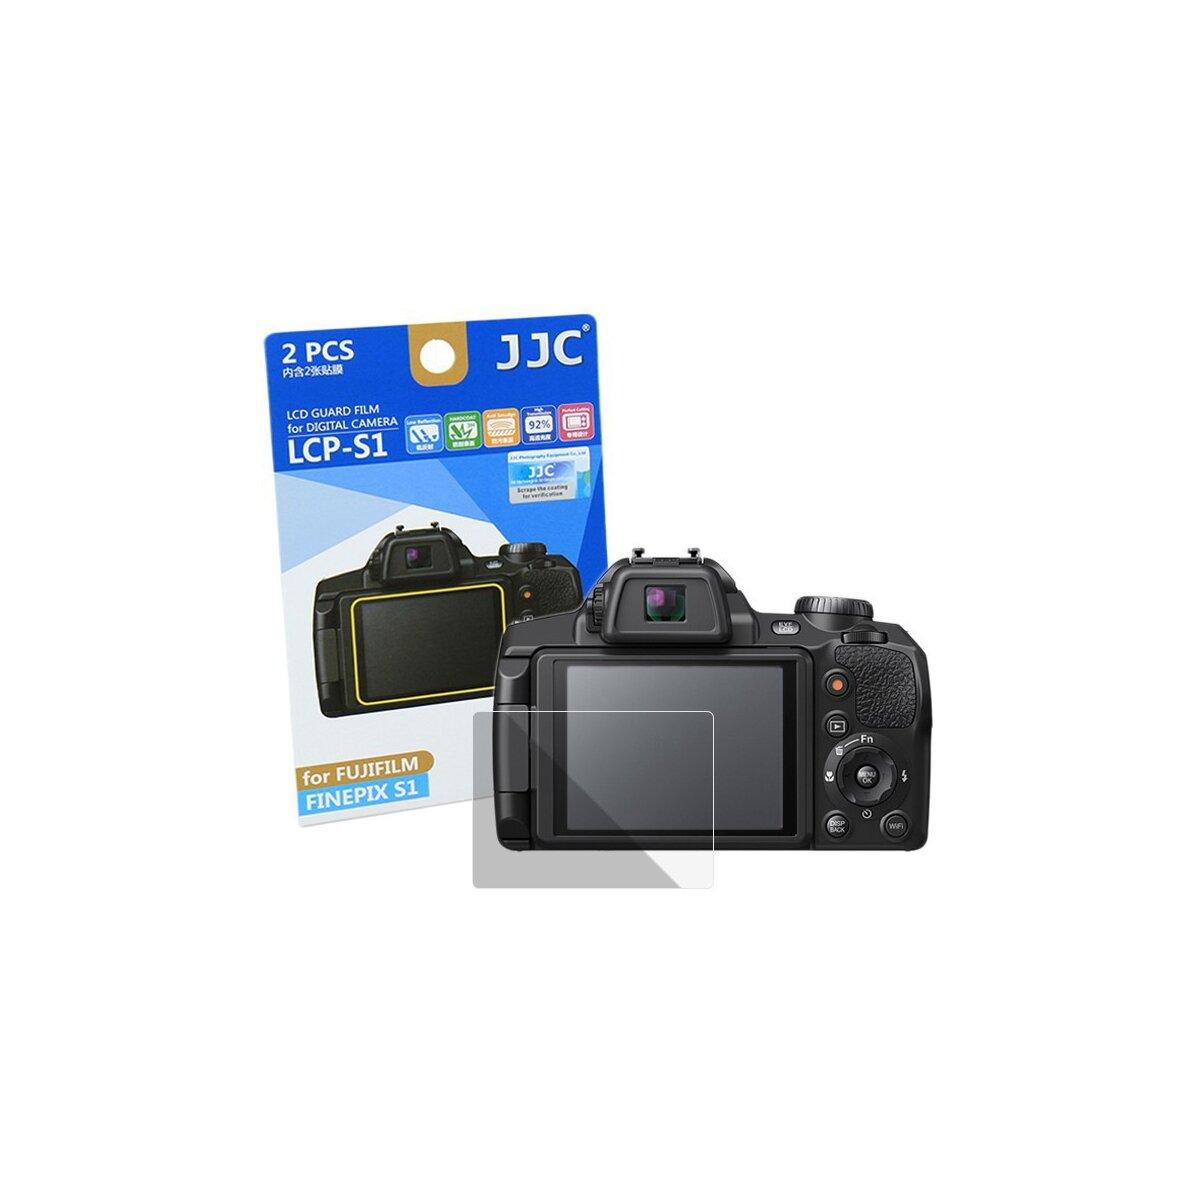 JJC Displayschutzfolie Screen Protector Kratzschutz passgenau kompatibel für Fujifilm Finepix S1 - LCP-S1